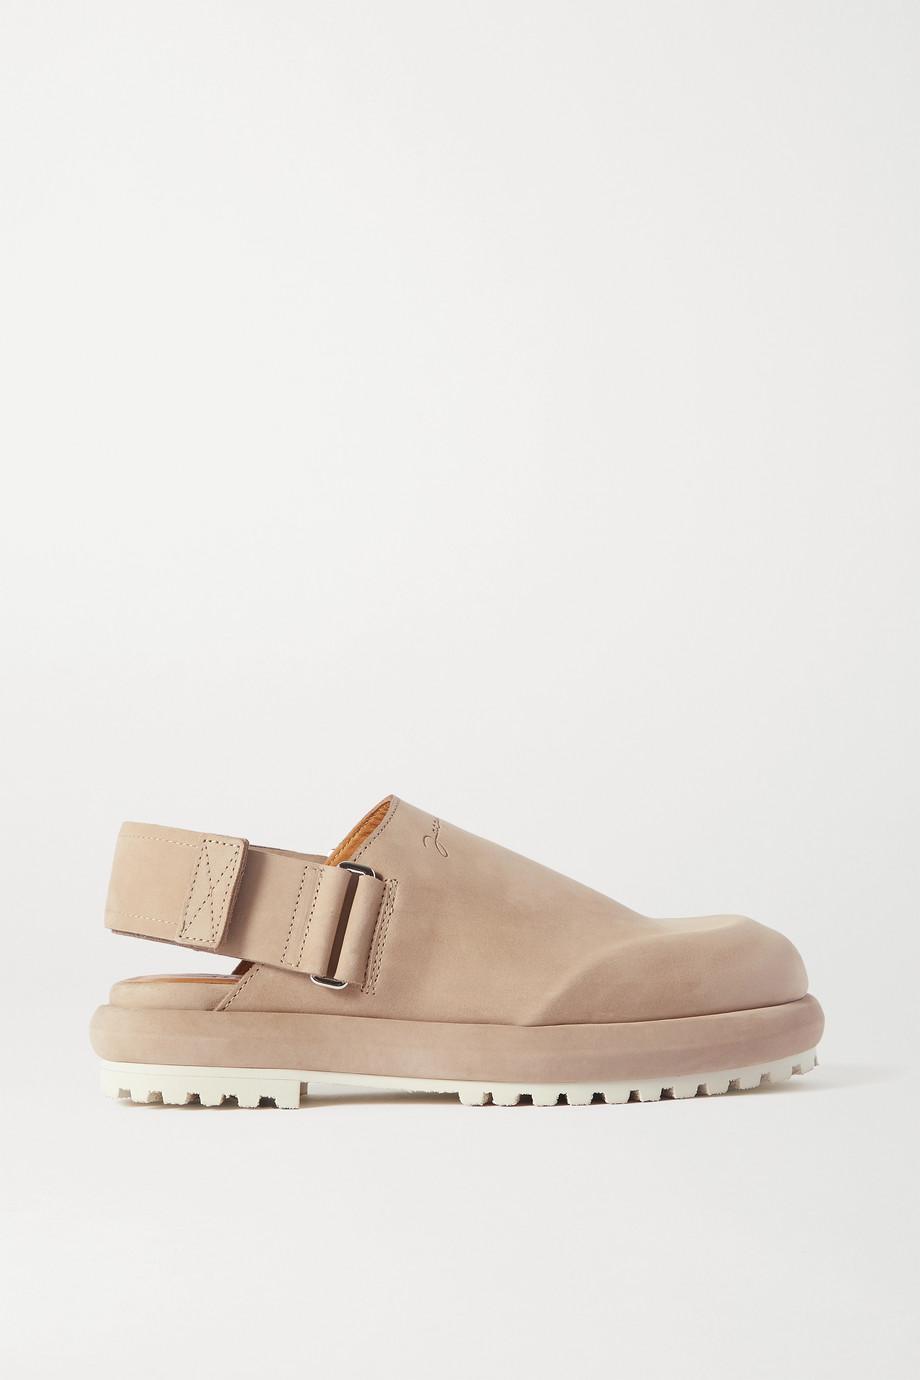 Jacquemus 绒面革露跟平底鞋